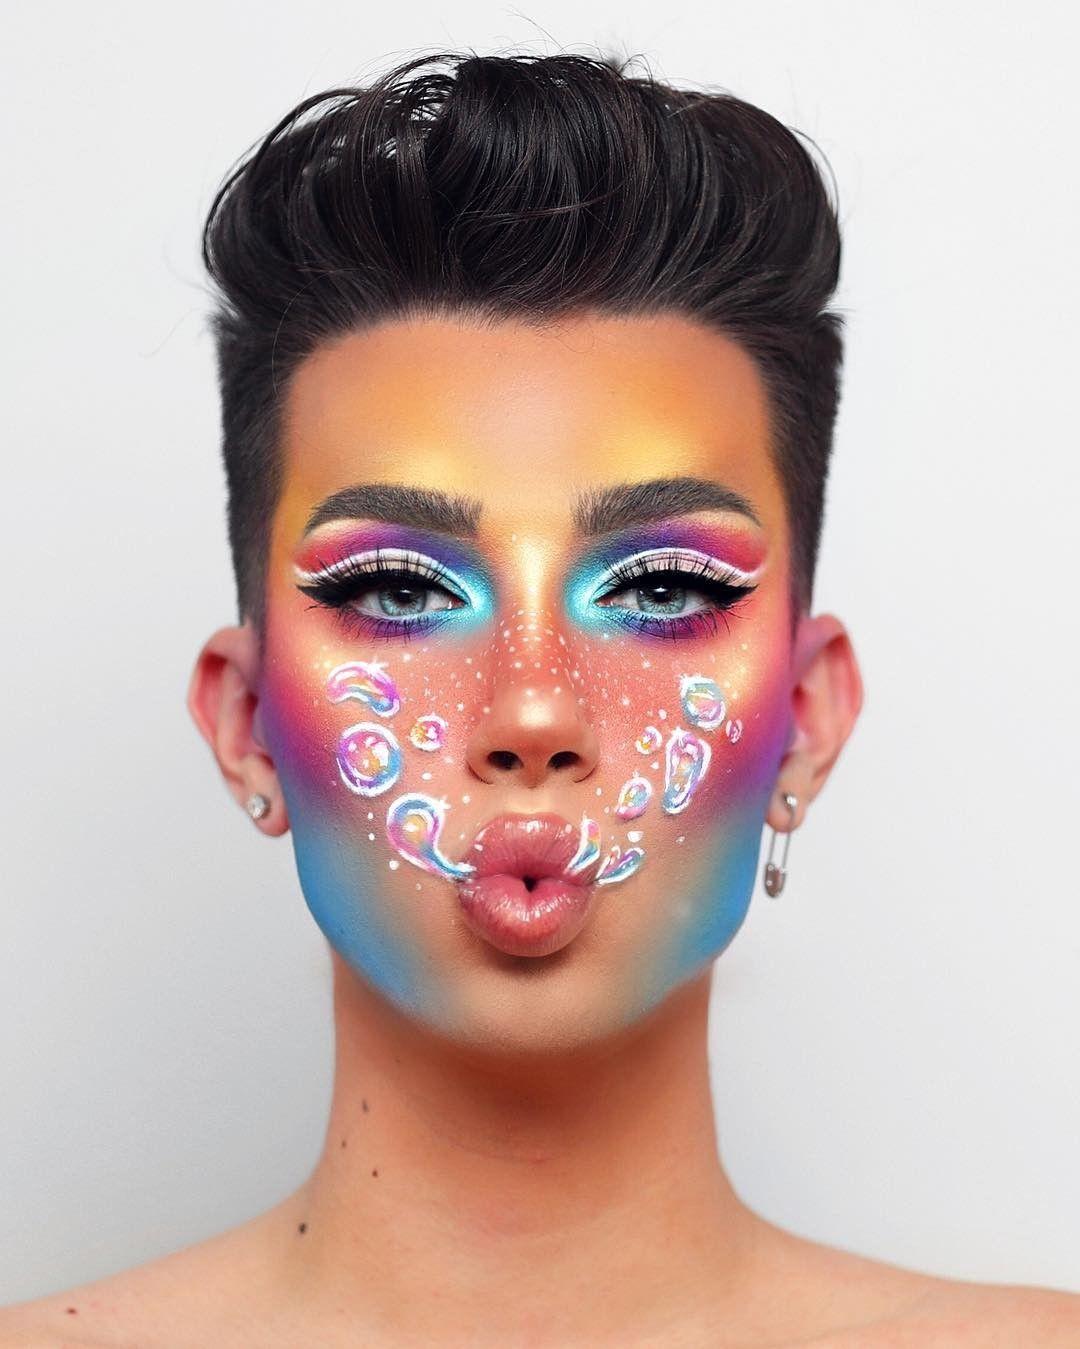 jamescharles  Artistry makeup, Creative makeup looks, Creative makeup